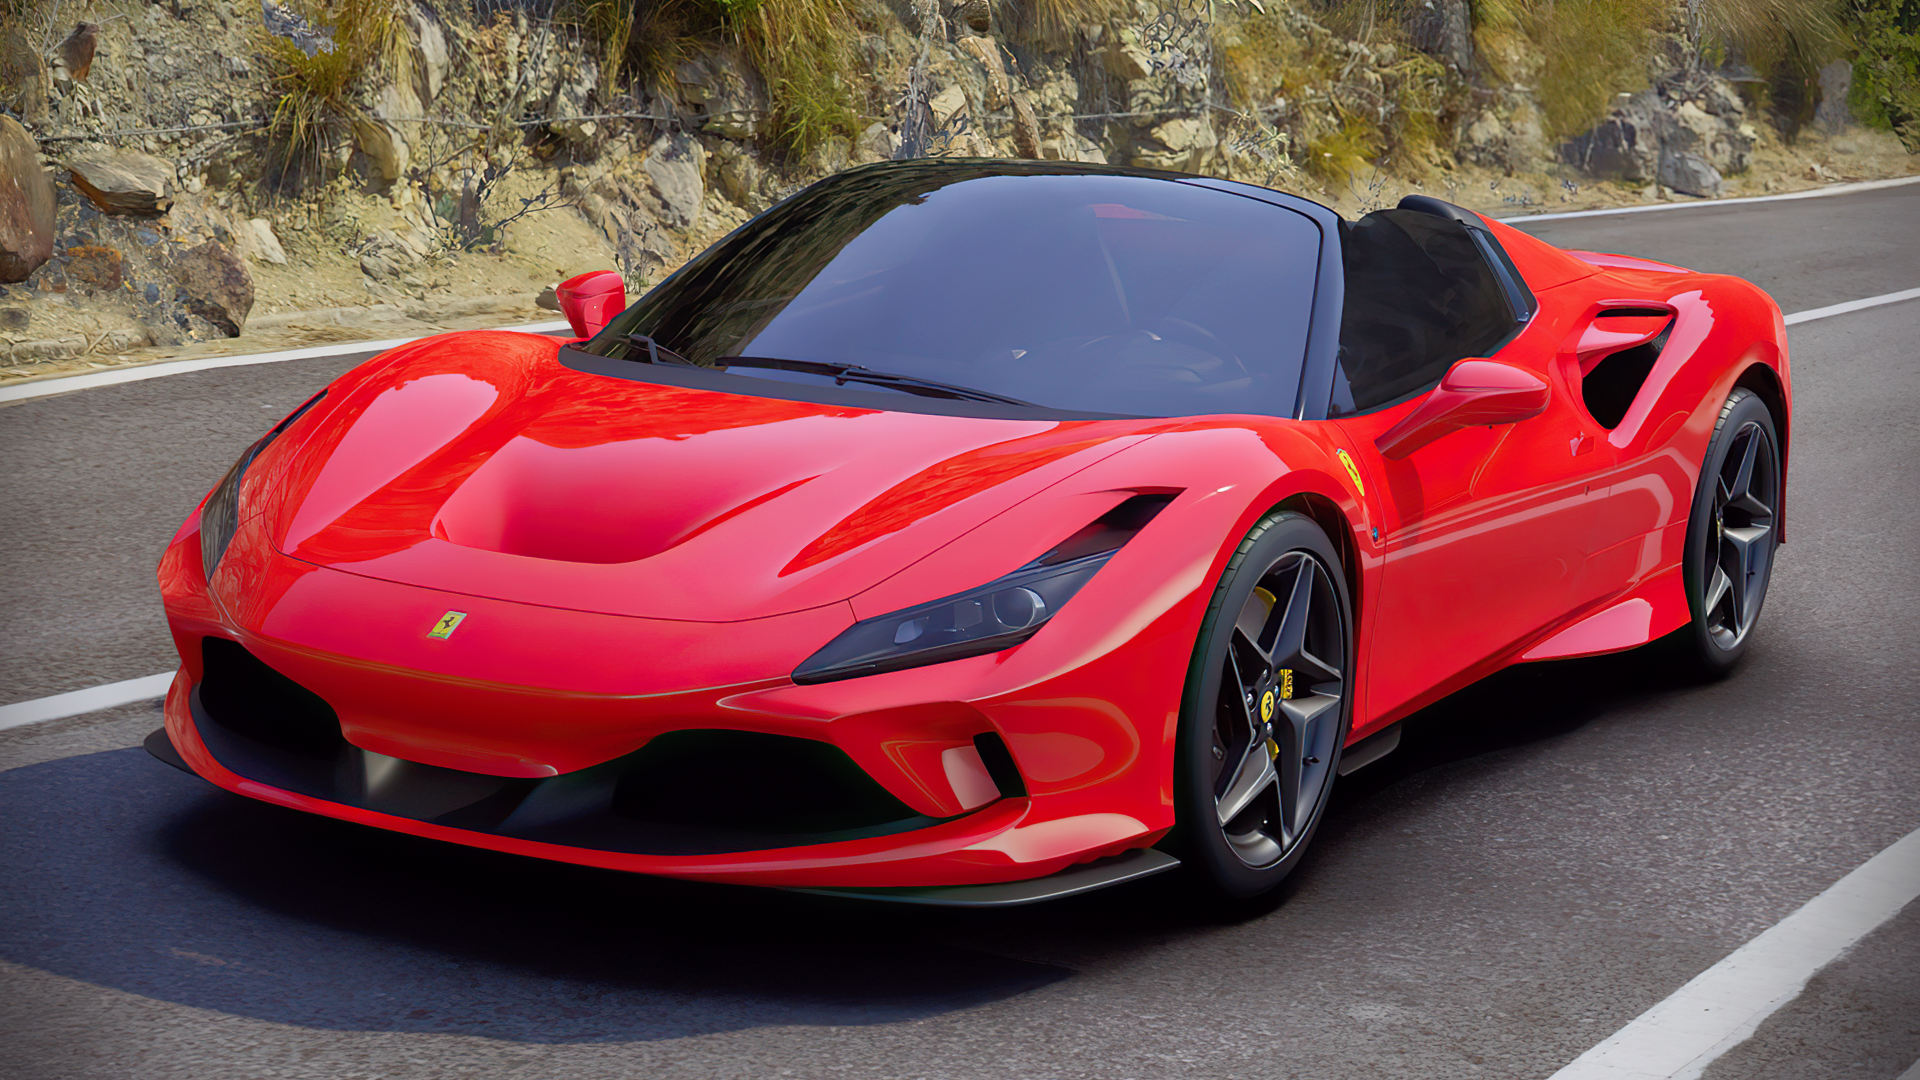 2020 Ferrari F8 Spider Red Colors